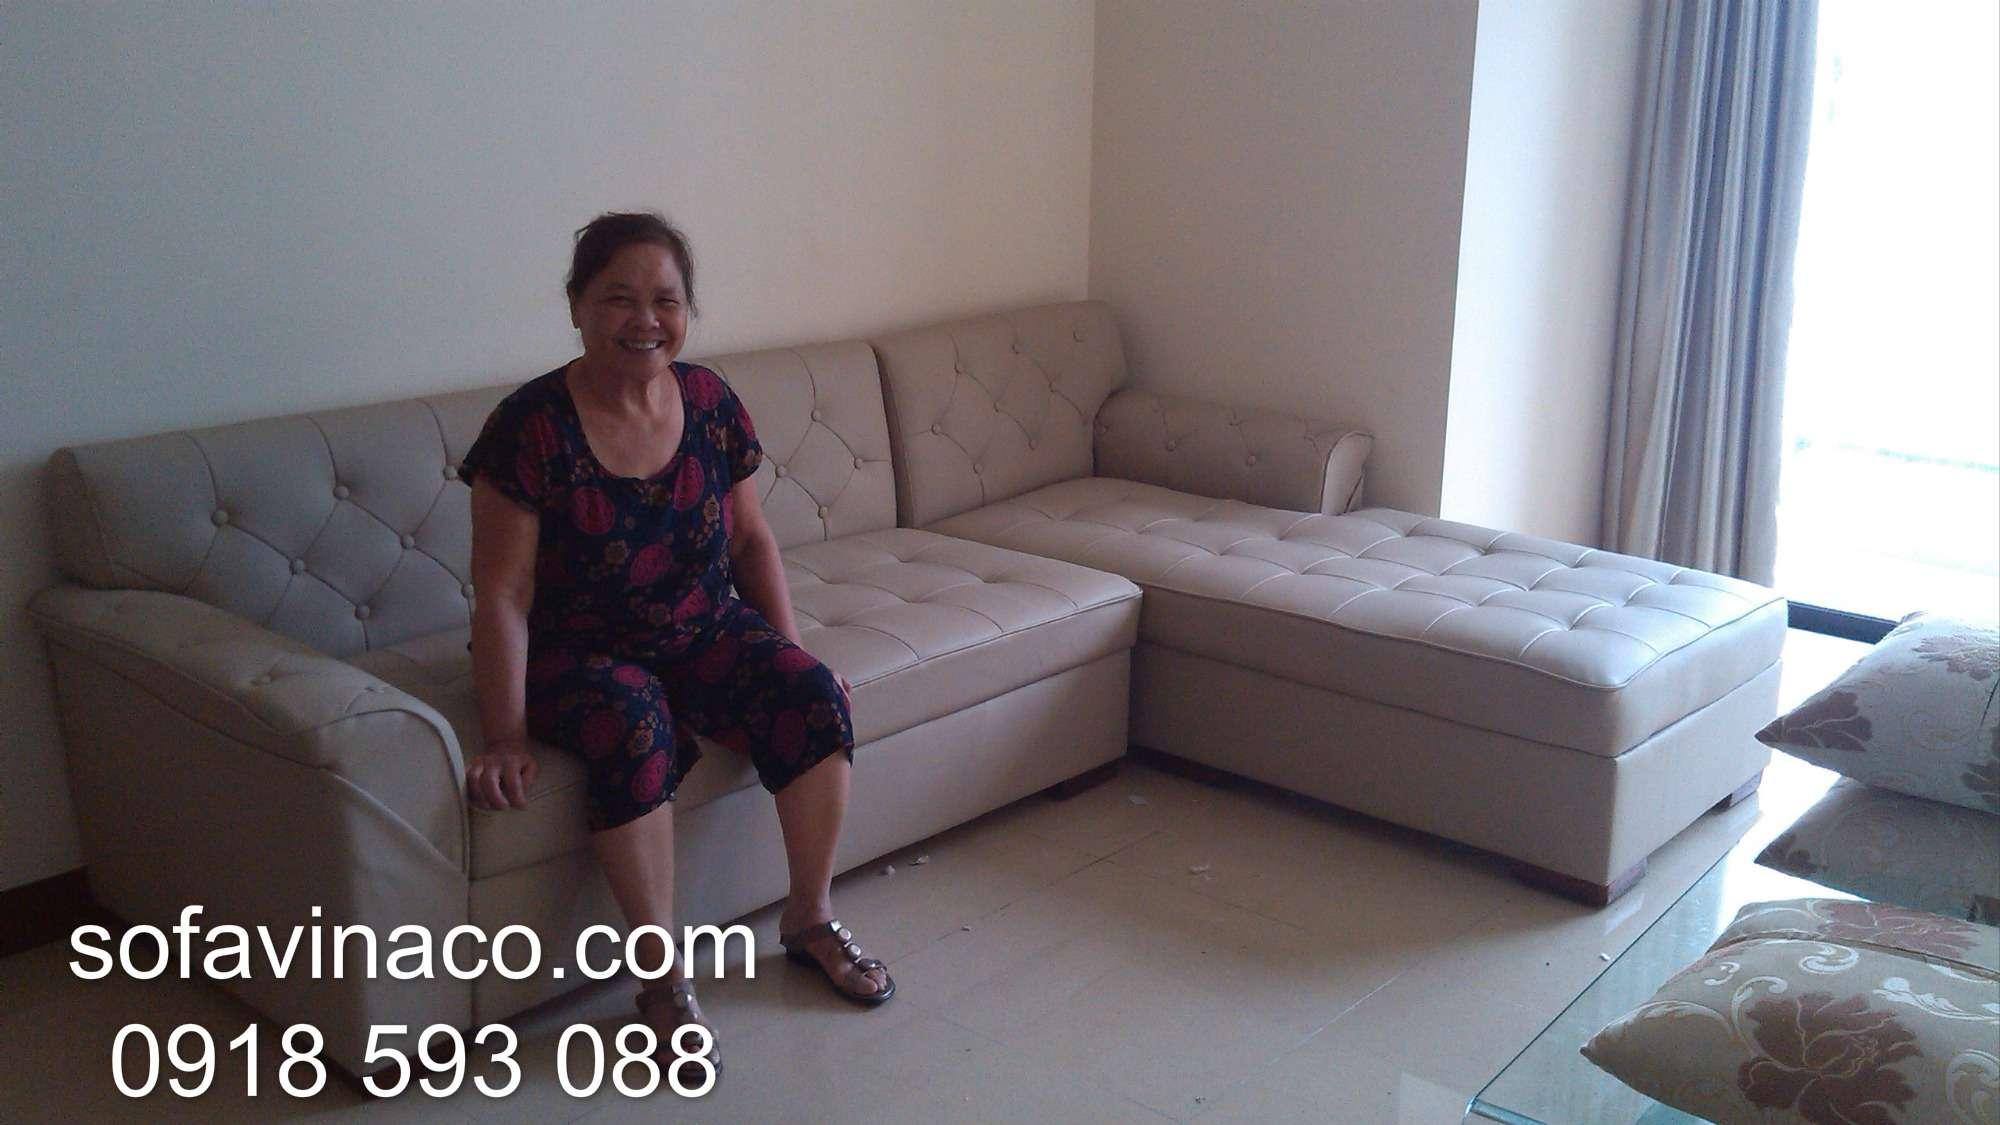 Bọc ghế sofa nhà Bác Thành Royalcity - Thanh Xuân - Hà Nội